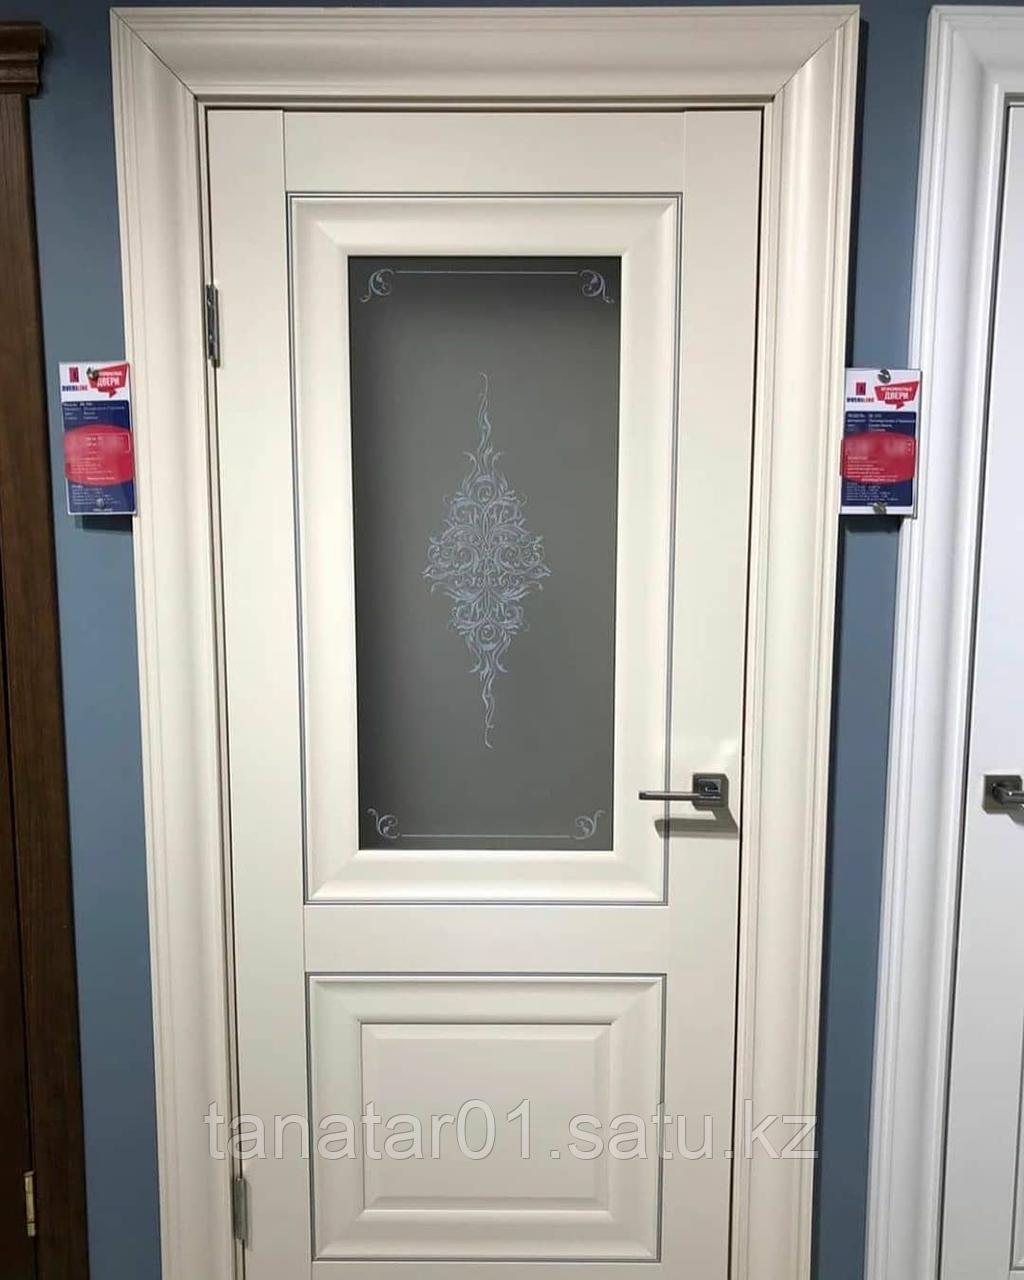 Дверь DL310 Стекло, цвет Ваниль